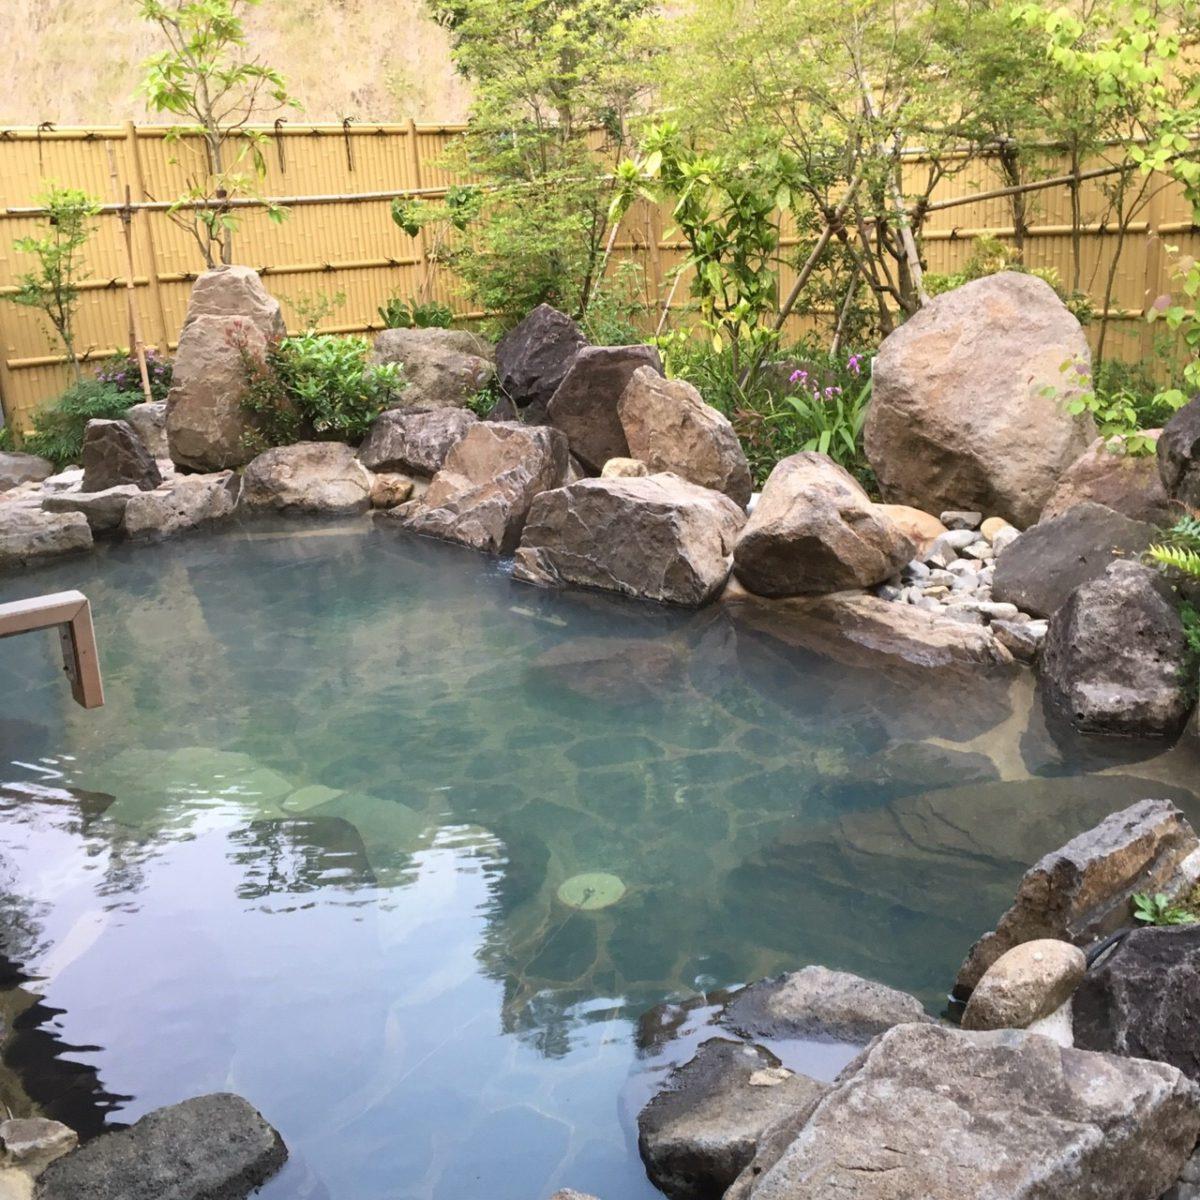 【鹿児島県/出水市 ひかりの郷】新しく温泉施設オープンしたので行って来た!